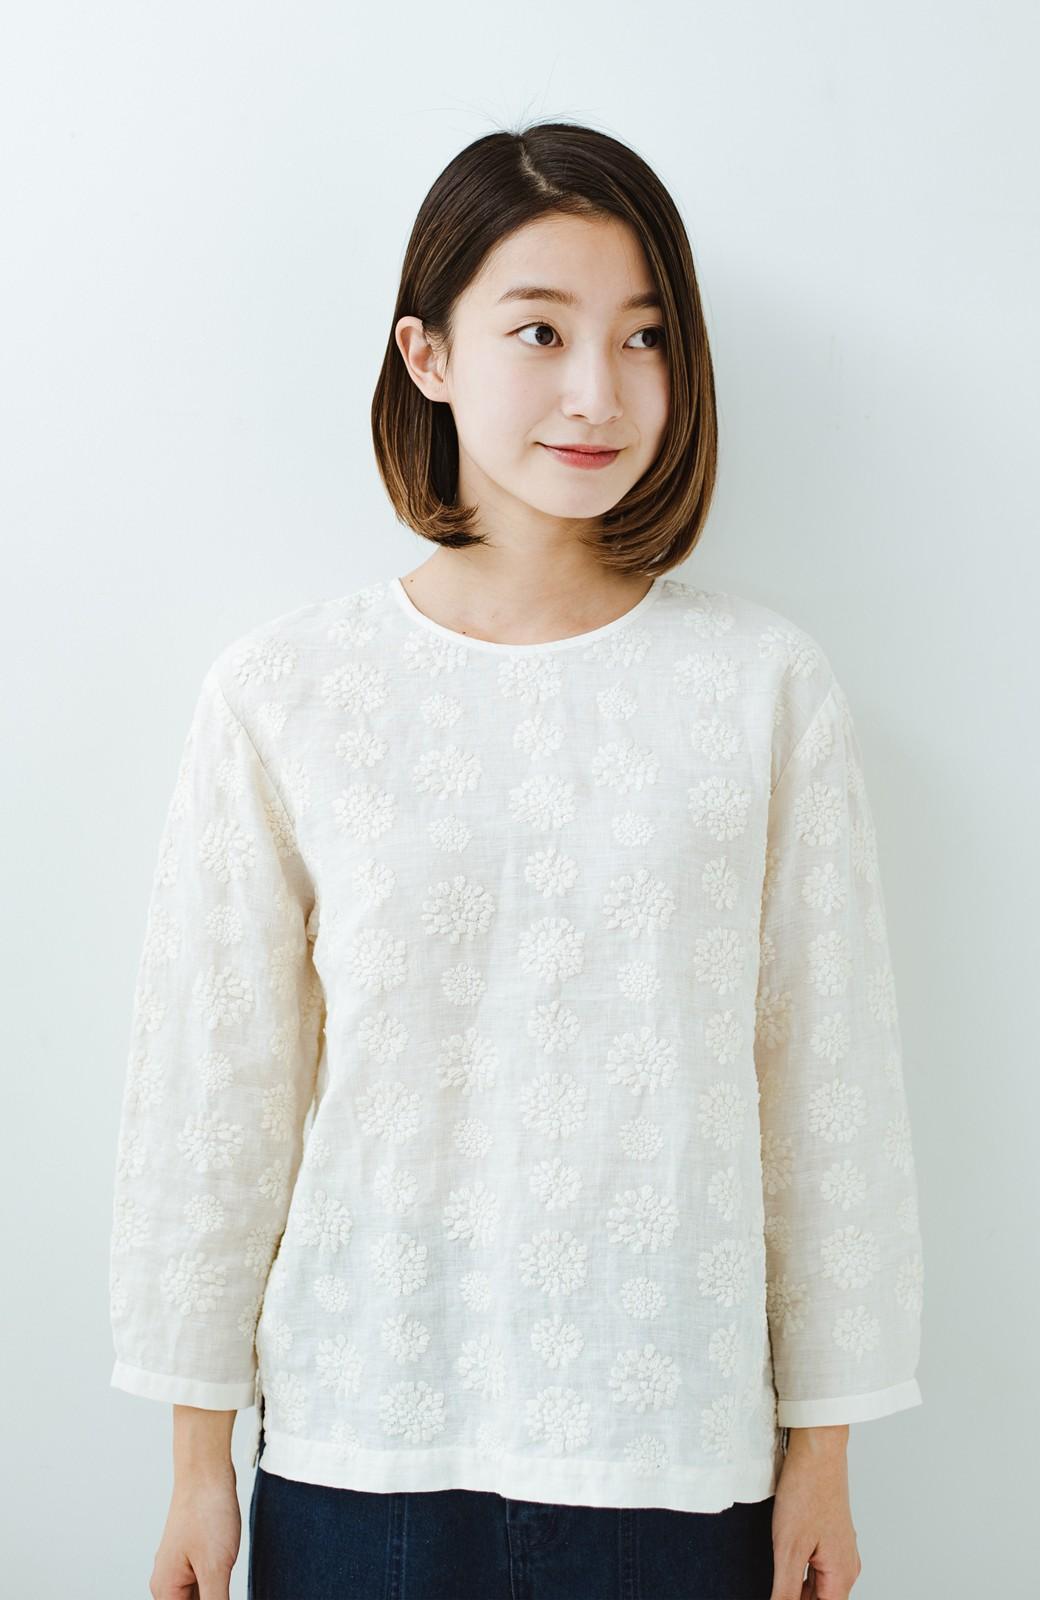 haco! てとひとて Miho Umezawa ダリア刺繍リネンブラウス <クリーム>の商品写真11